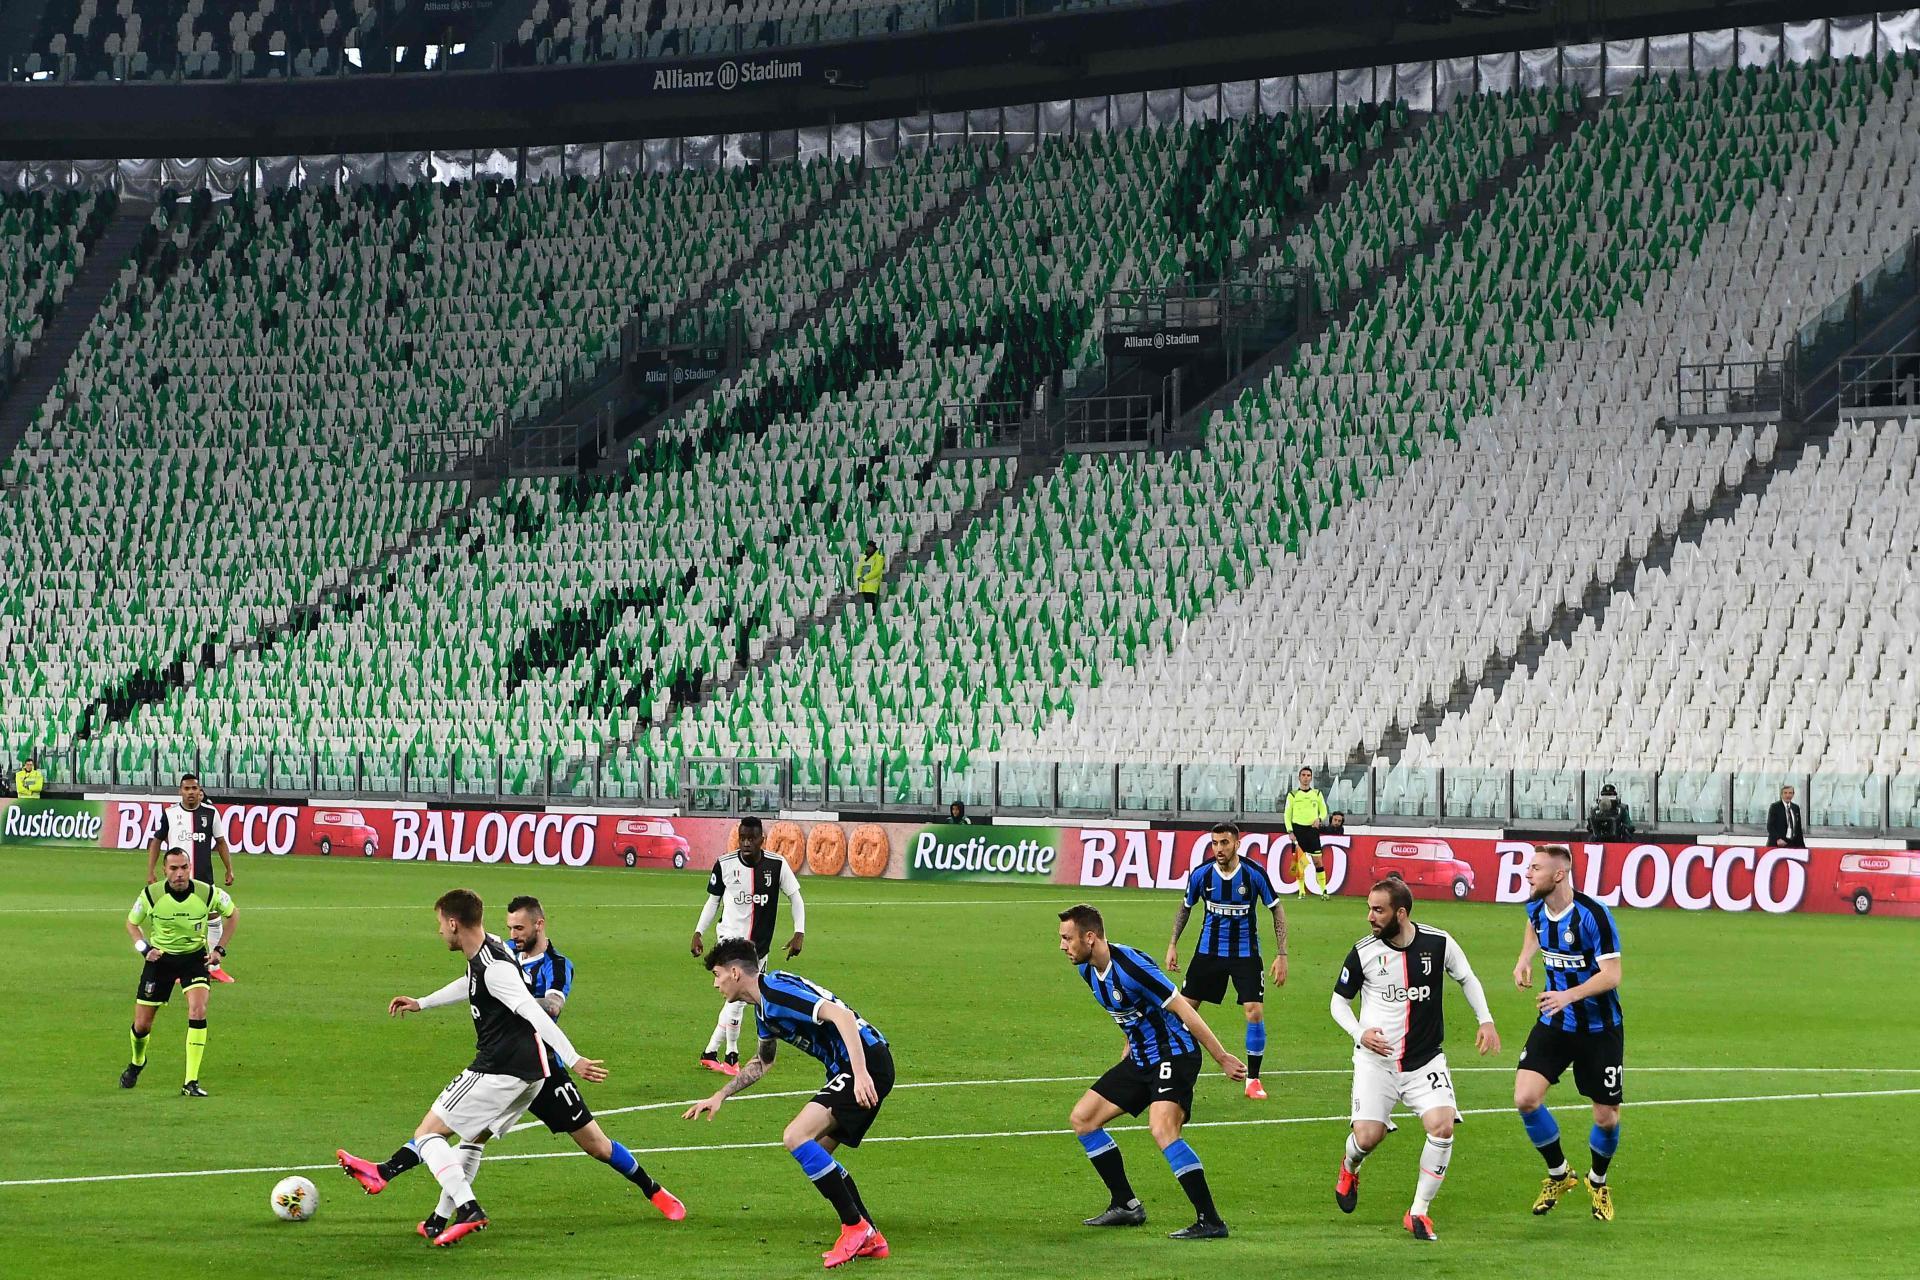 Le duel entre la Juventus Turin et l'Inter Milan s'est tenuà huis clos, dimanche 8mars à Turin.